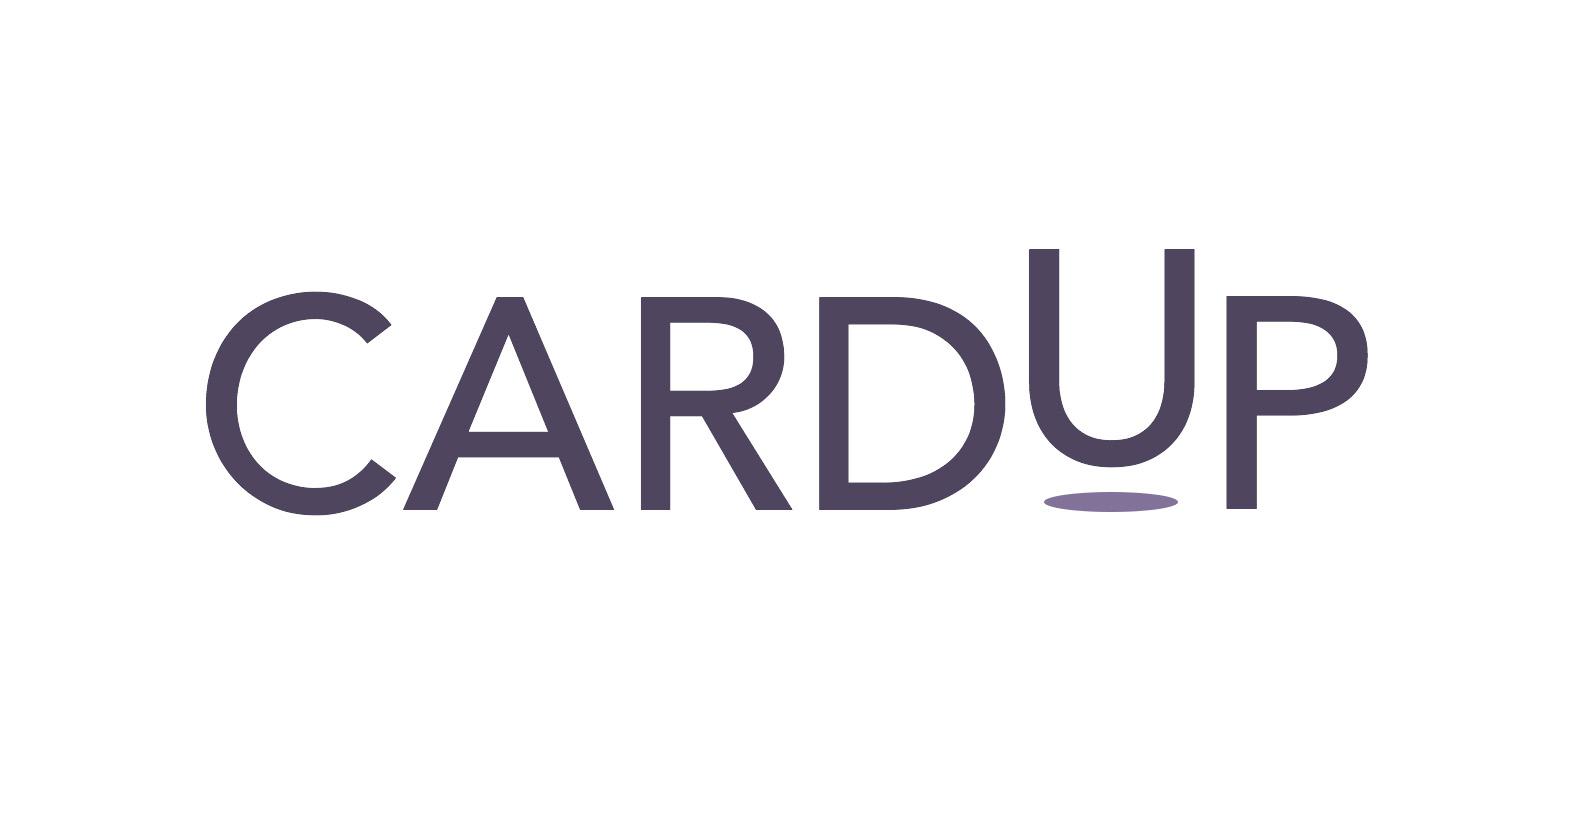 CardUp company logo